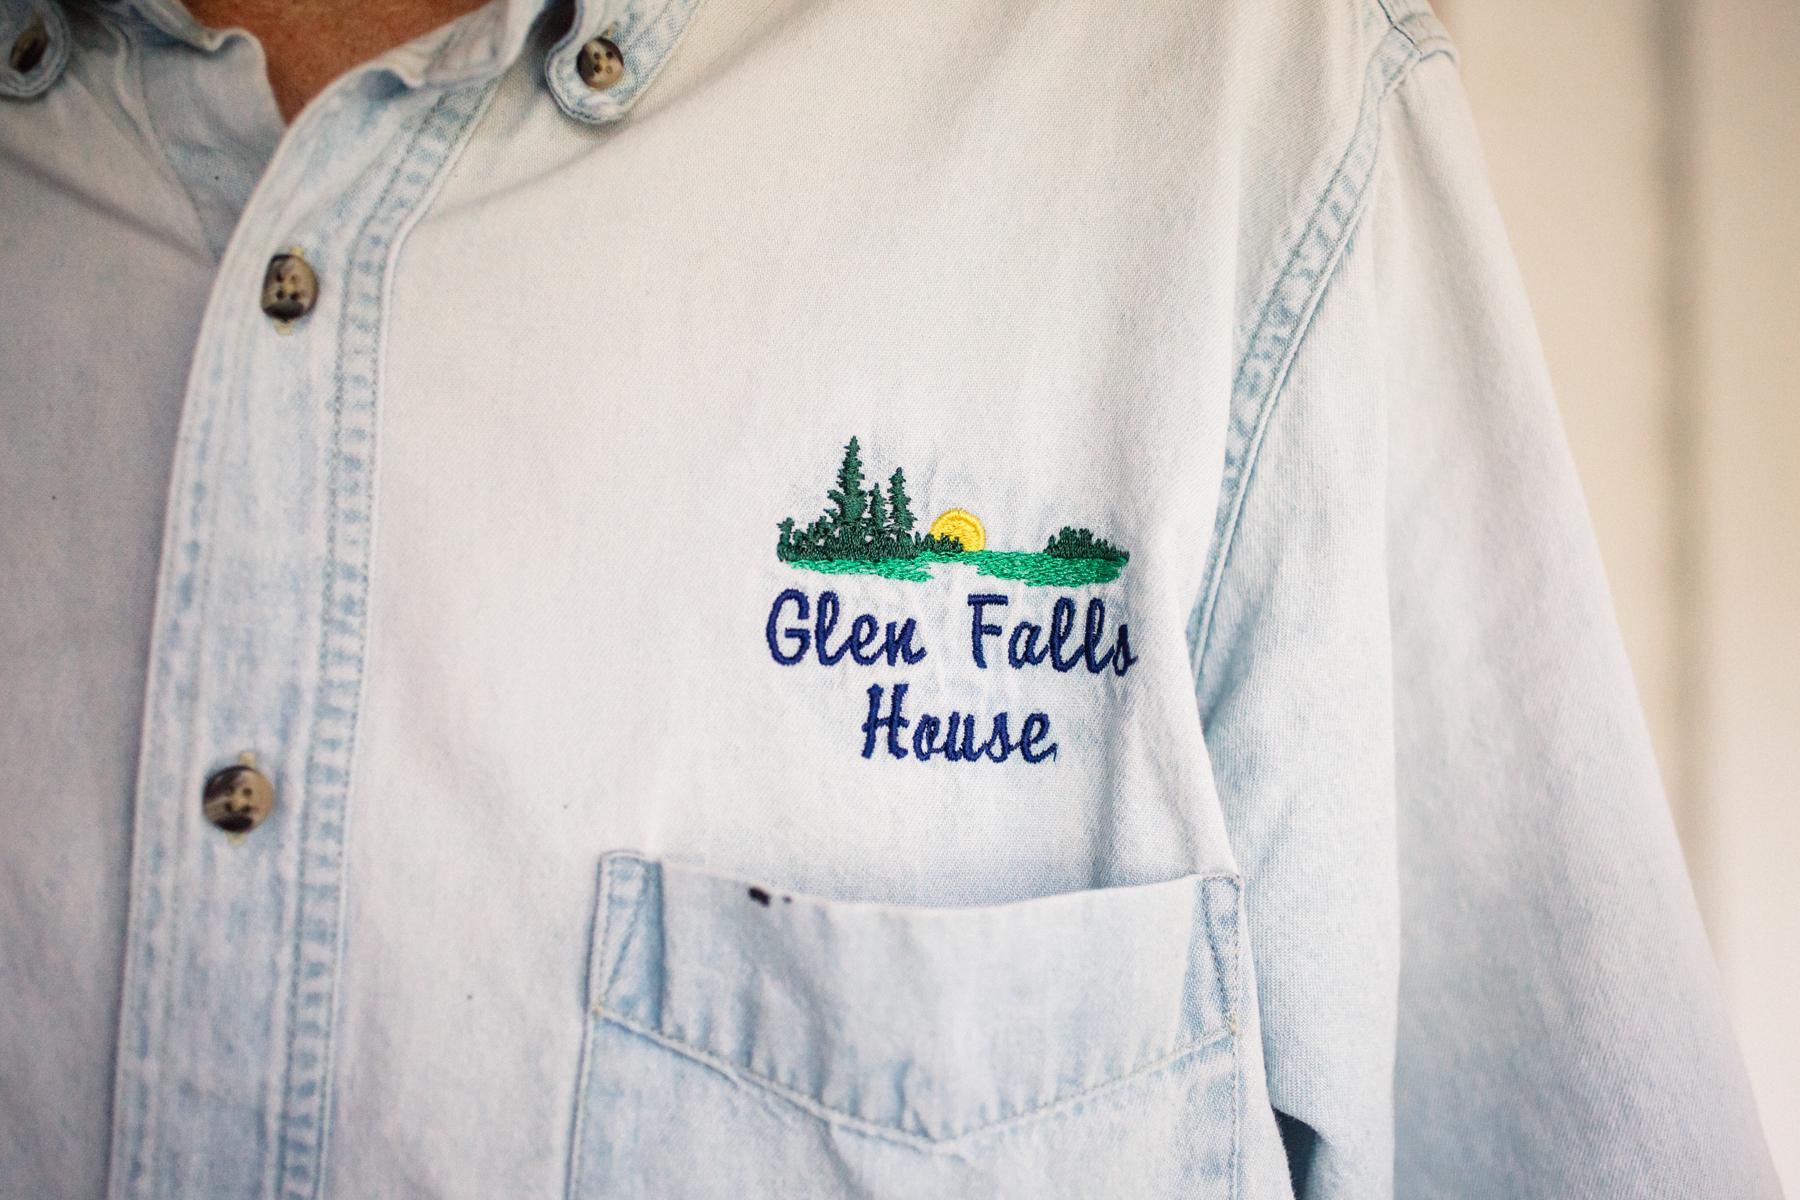 glen falls house-13.jpg